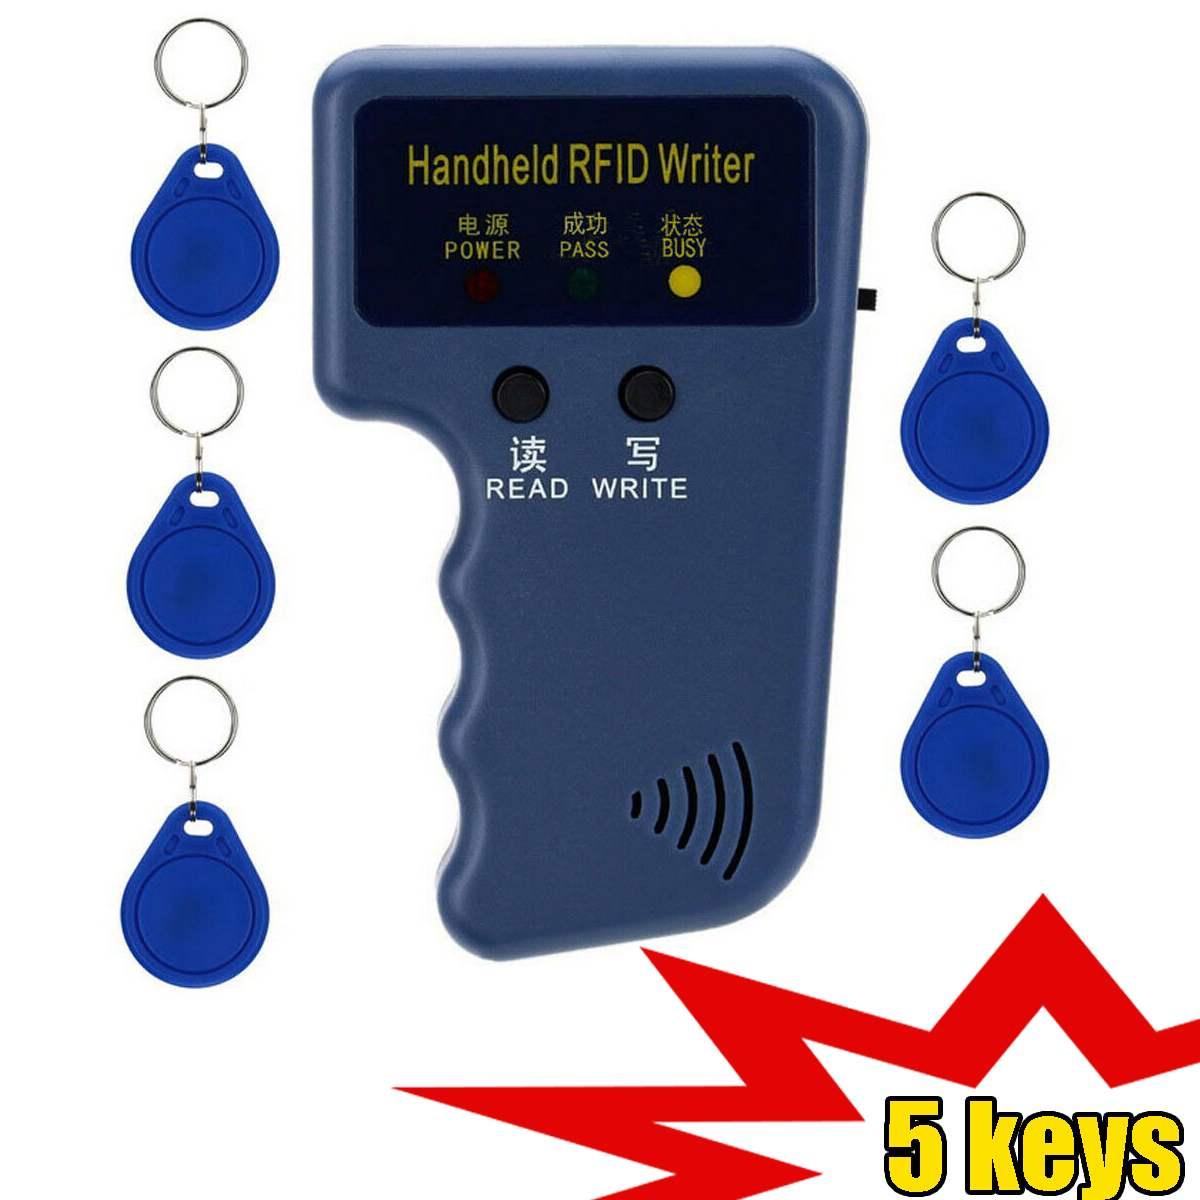 EM4100 125KHz Handheld RFID Schriftsteller Tragbare Programmierer Kopierer T5577 5200 EM4305 Replicable ID Keychain Identifizierung Karte